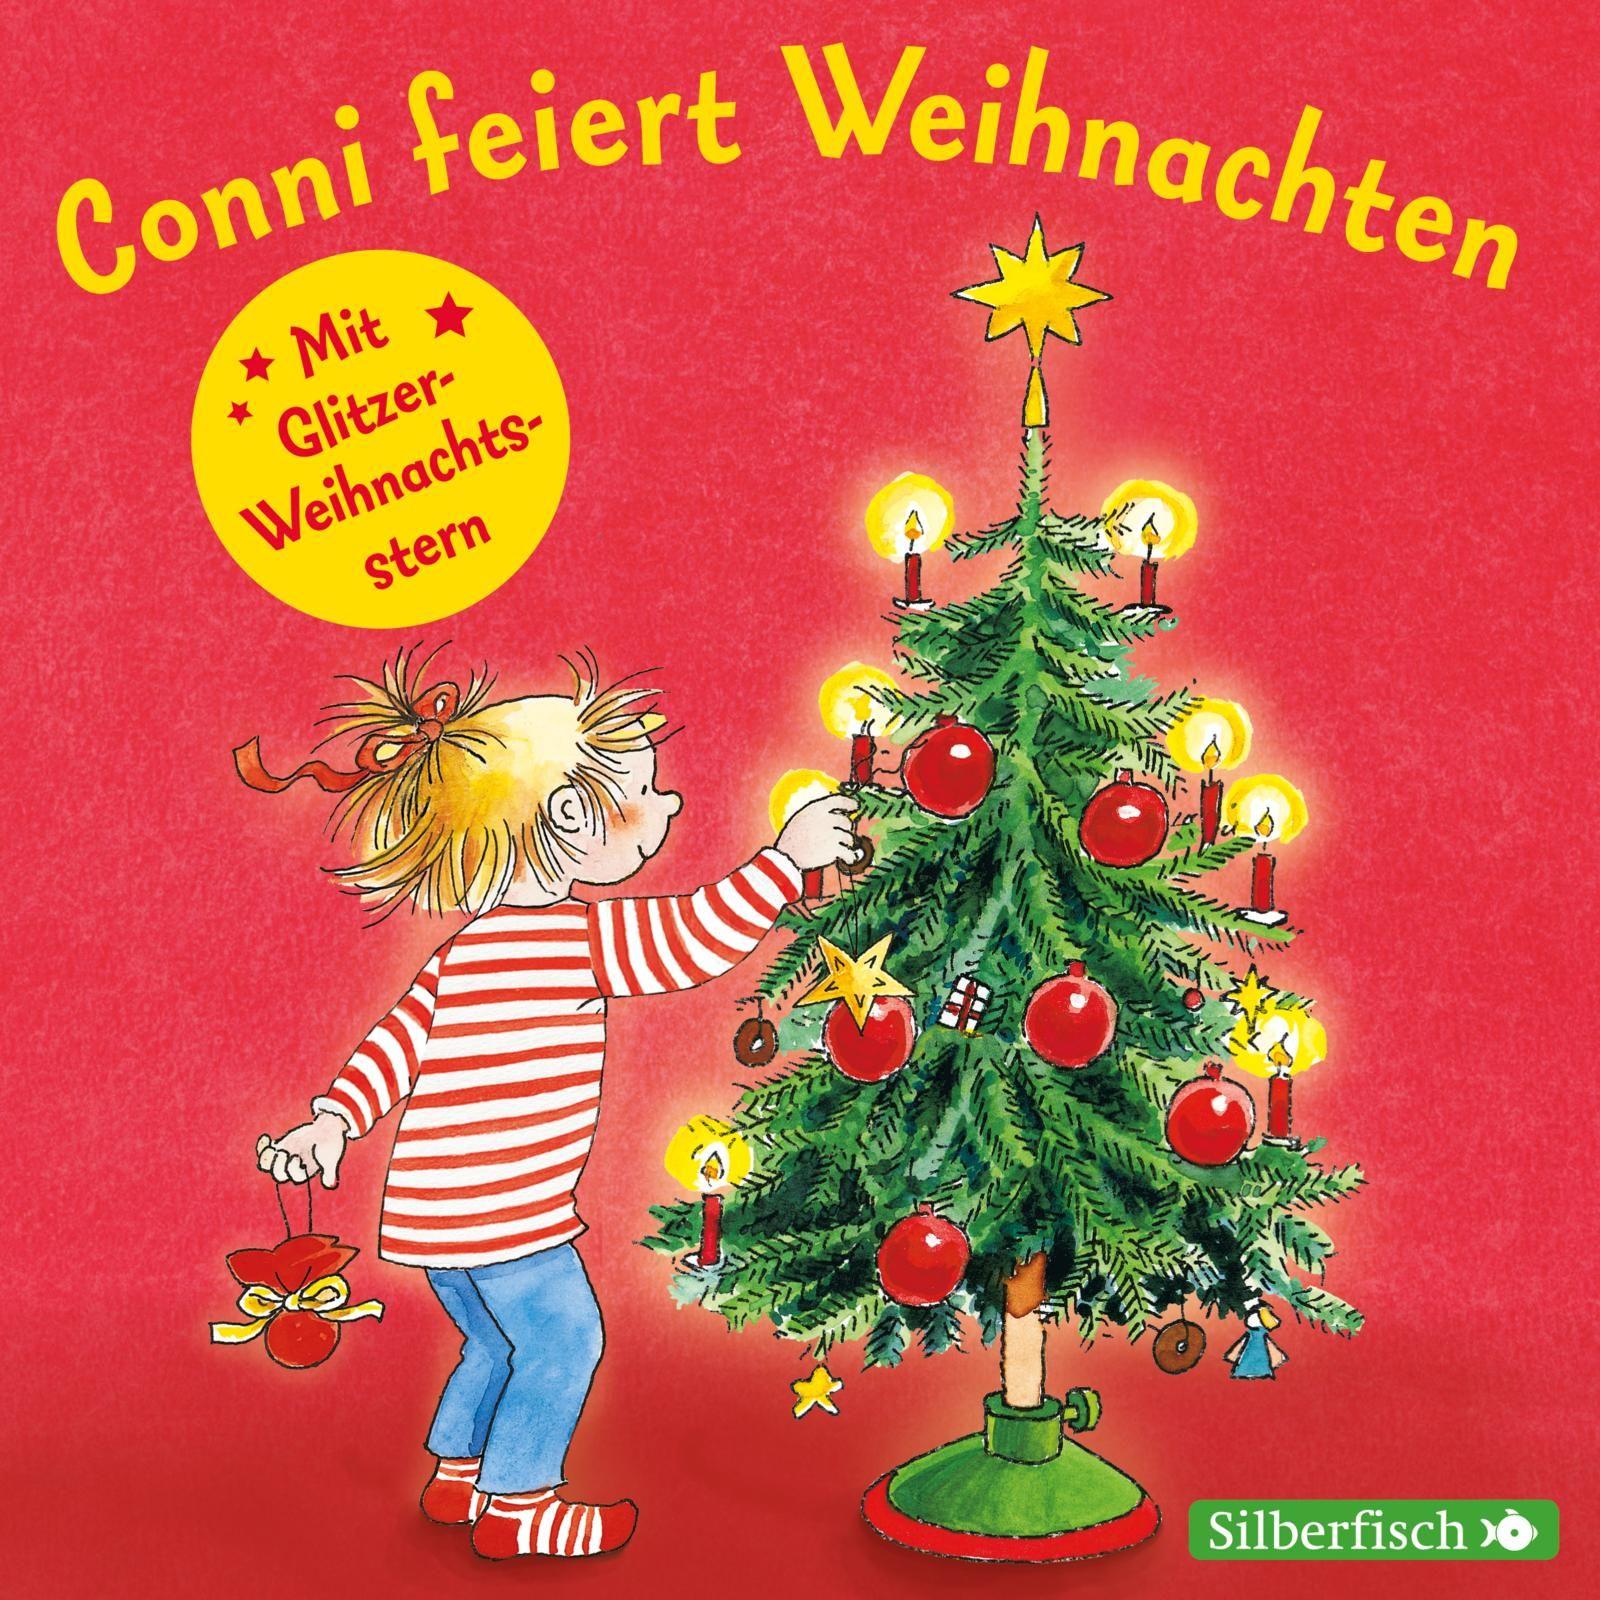 Conni feiert Weihnachten. Mit tollem Conni-Glitzerstern Liane Schneider